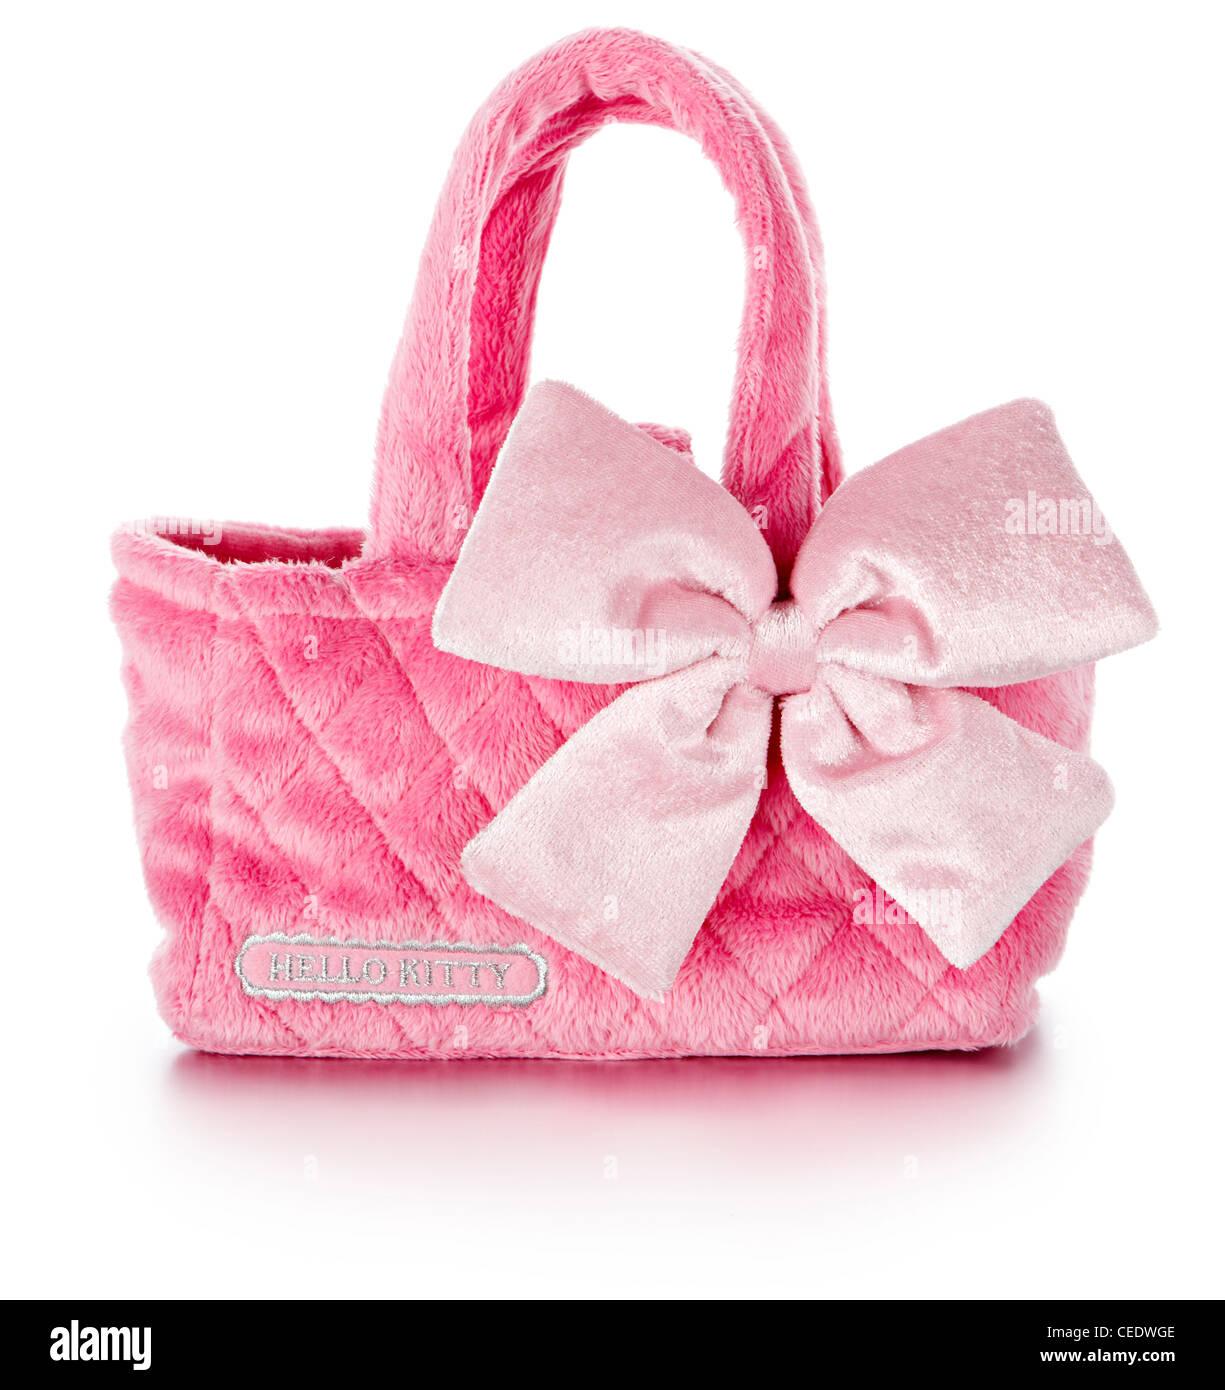 Bag Hello Kitty - Stock Image